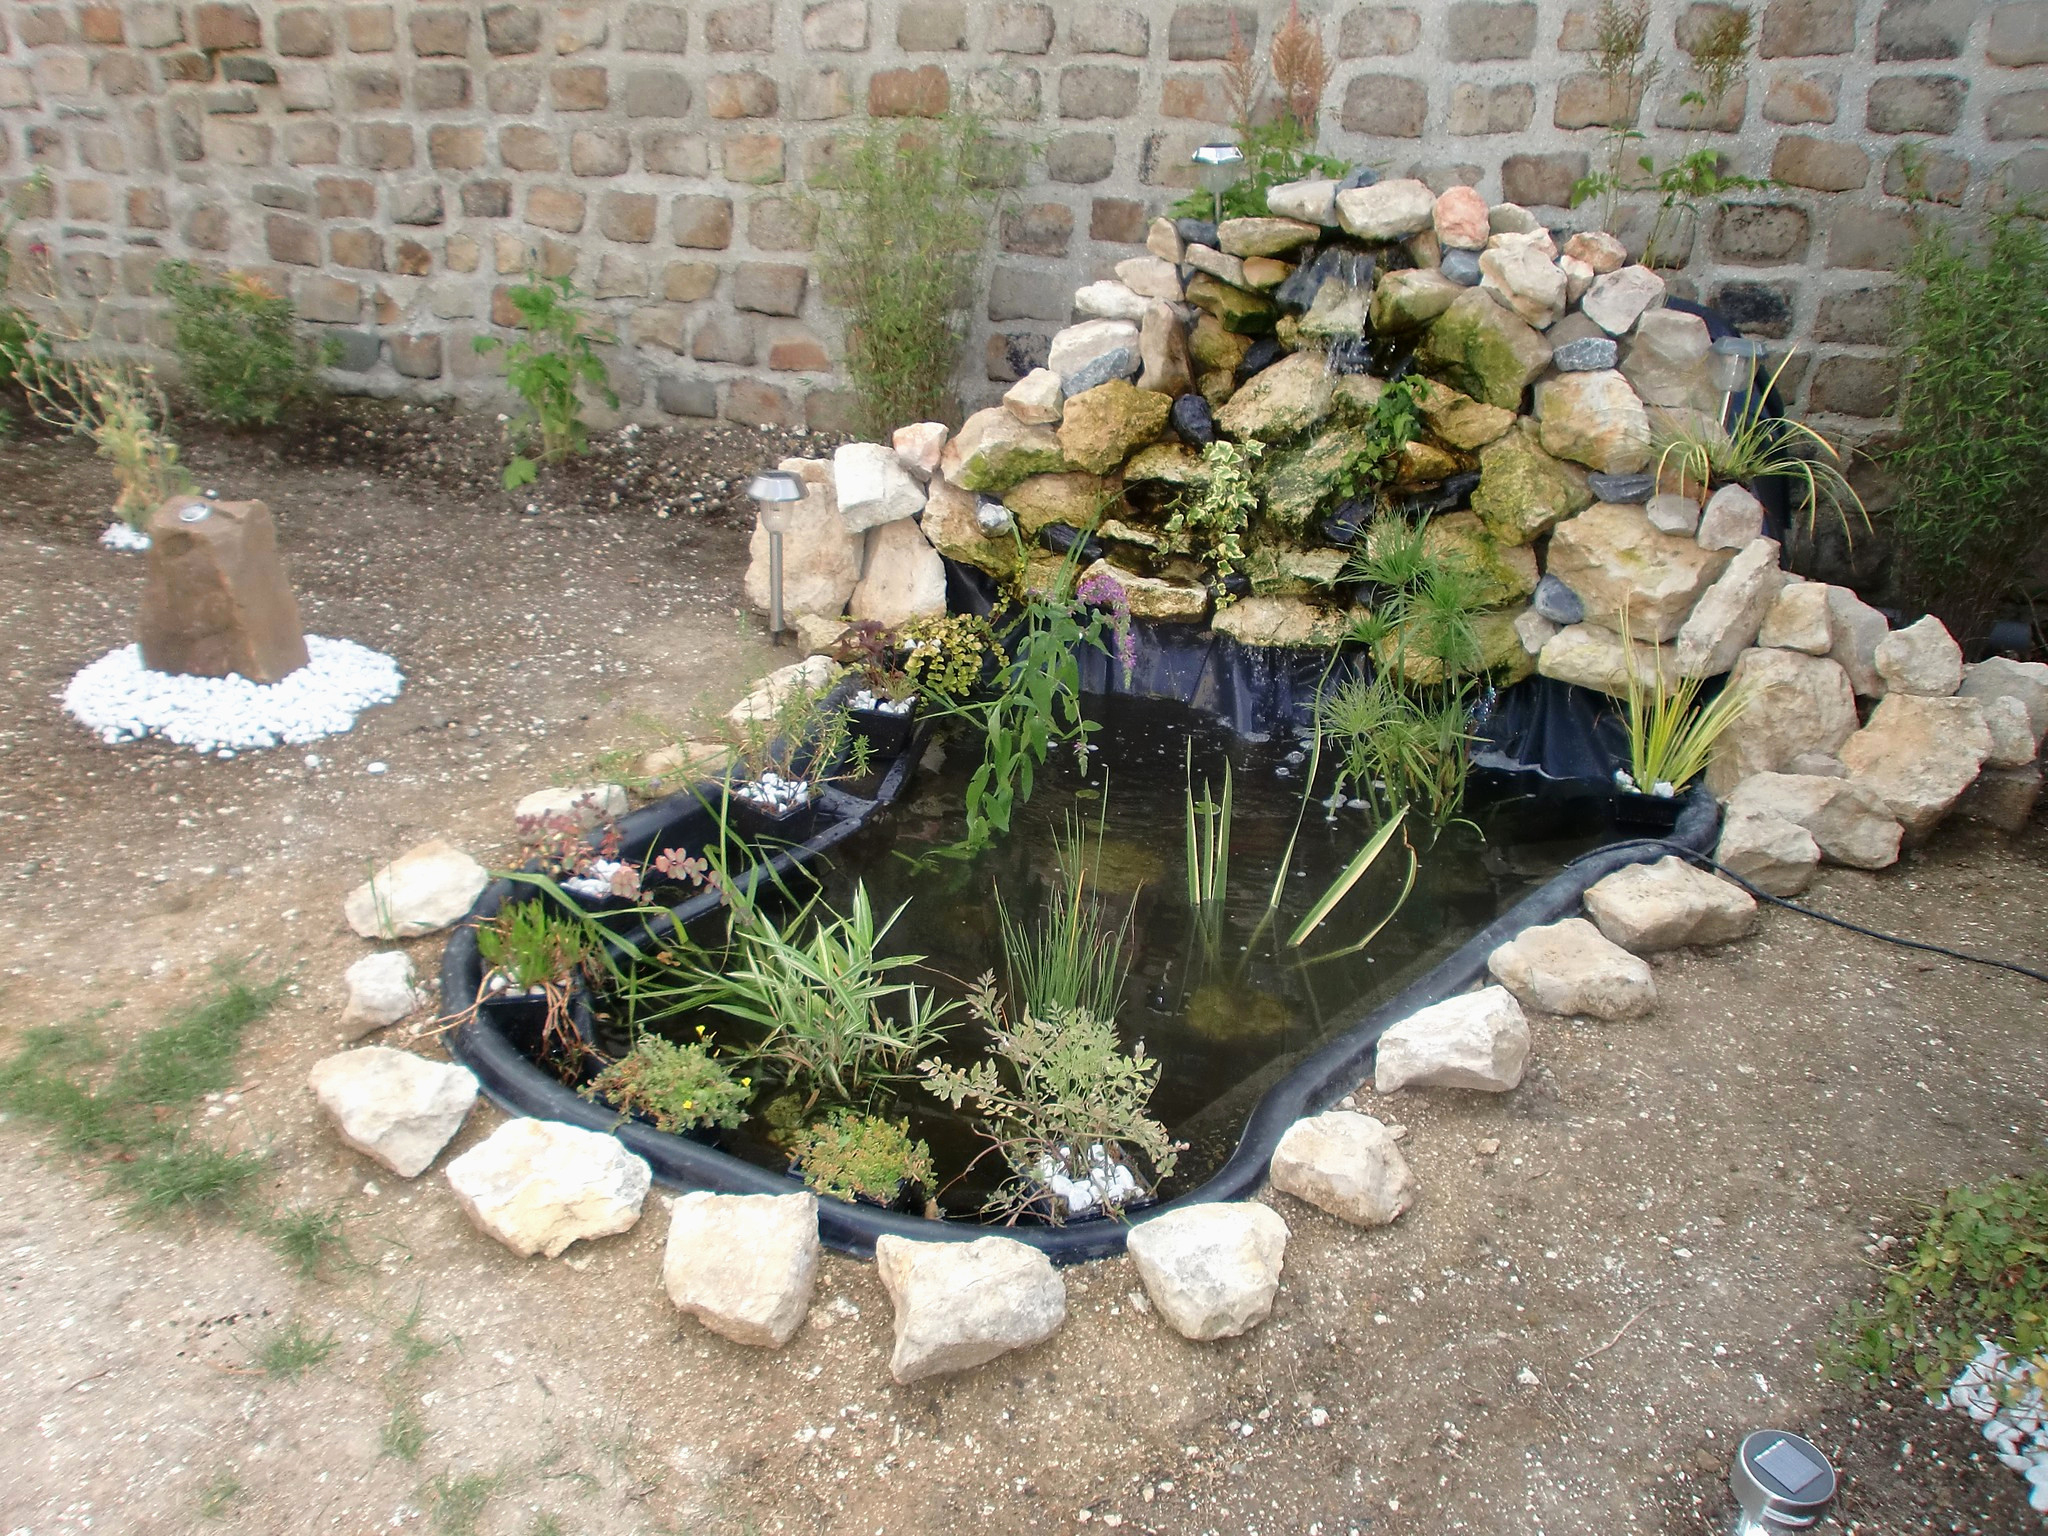 Petit Bassin De Jardin Pas Cher Merveilleux Bassin De Jardin ... concernant Petit Bassin Pour Jardin